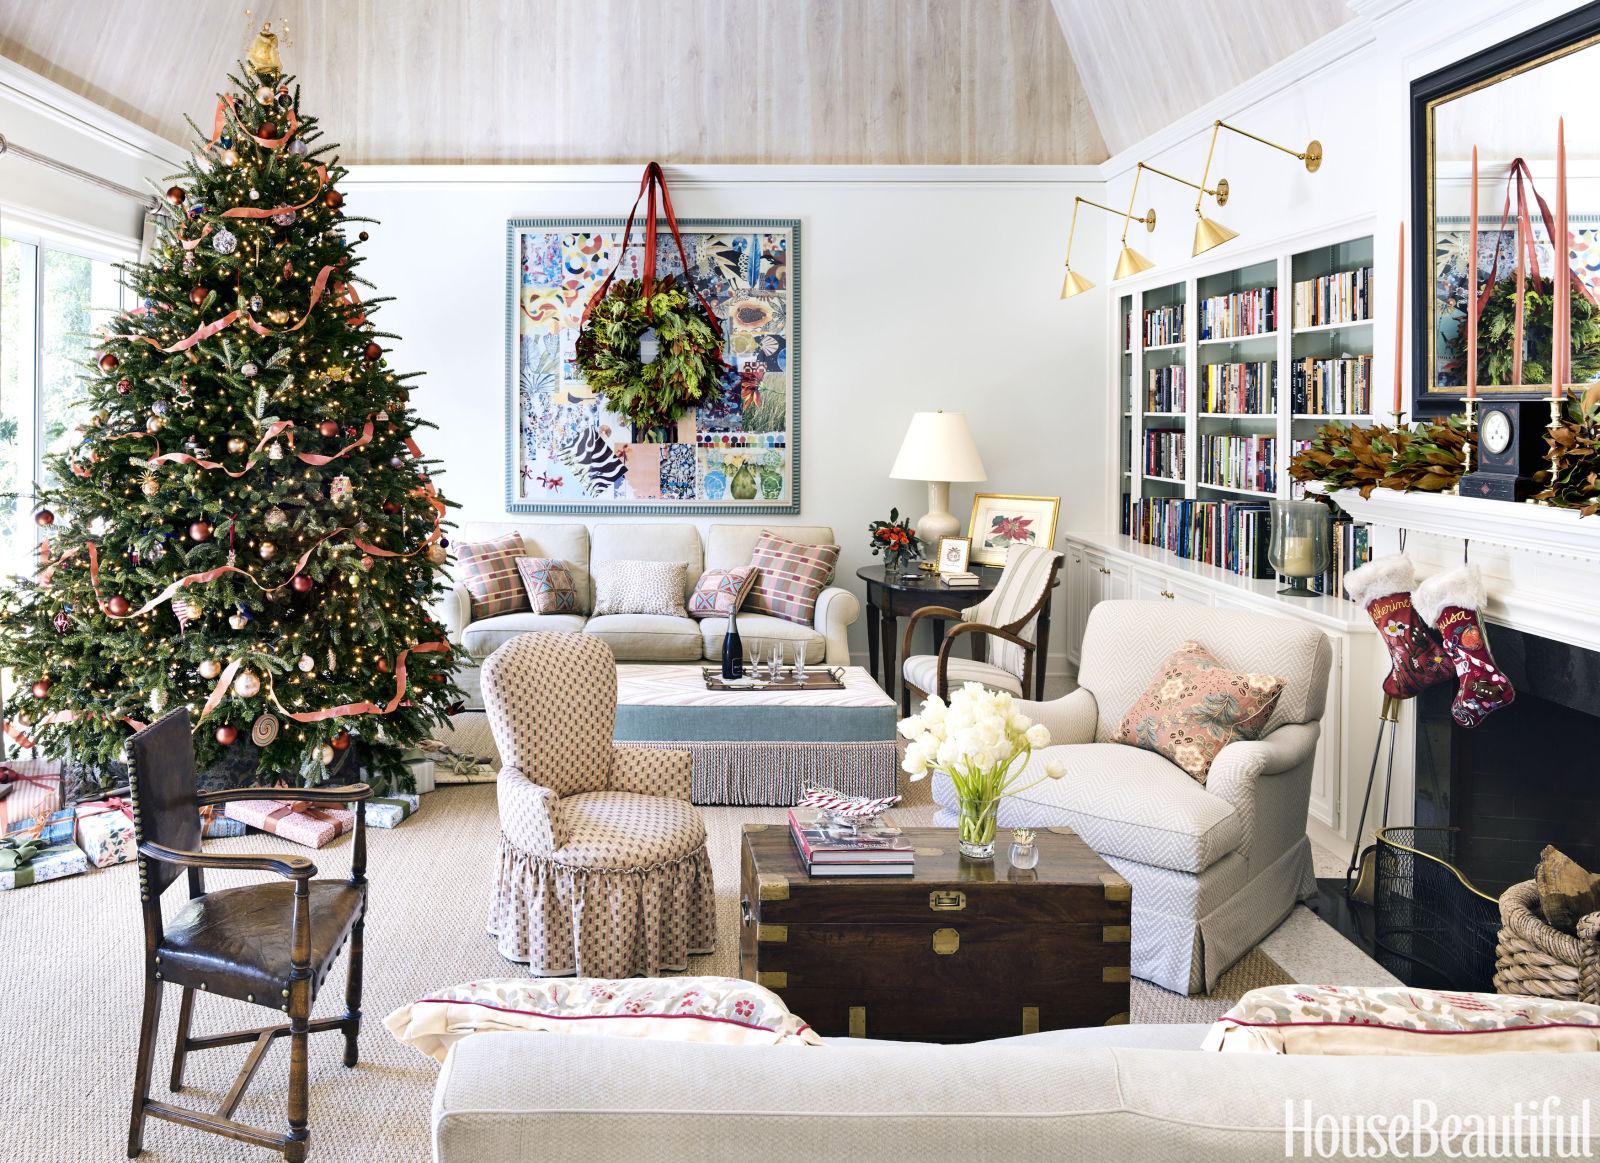 Catherine Olasky's home via house Beautiful